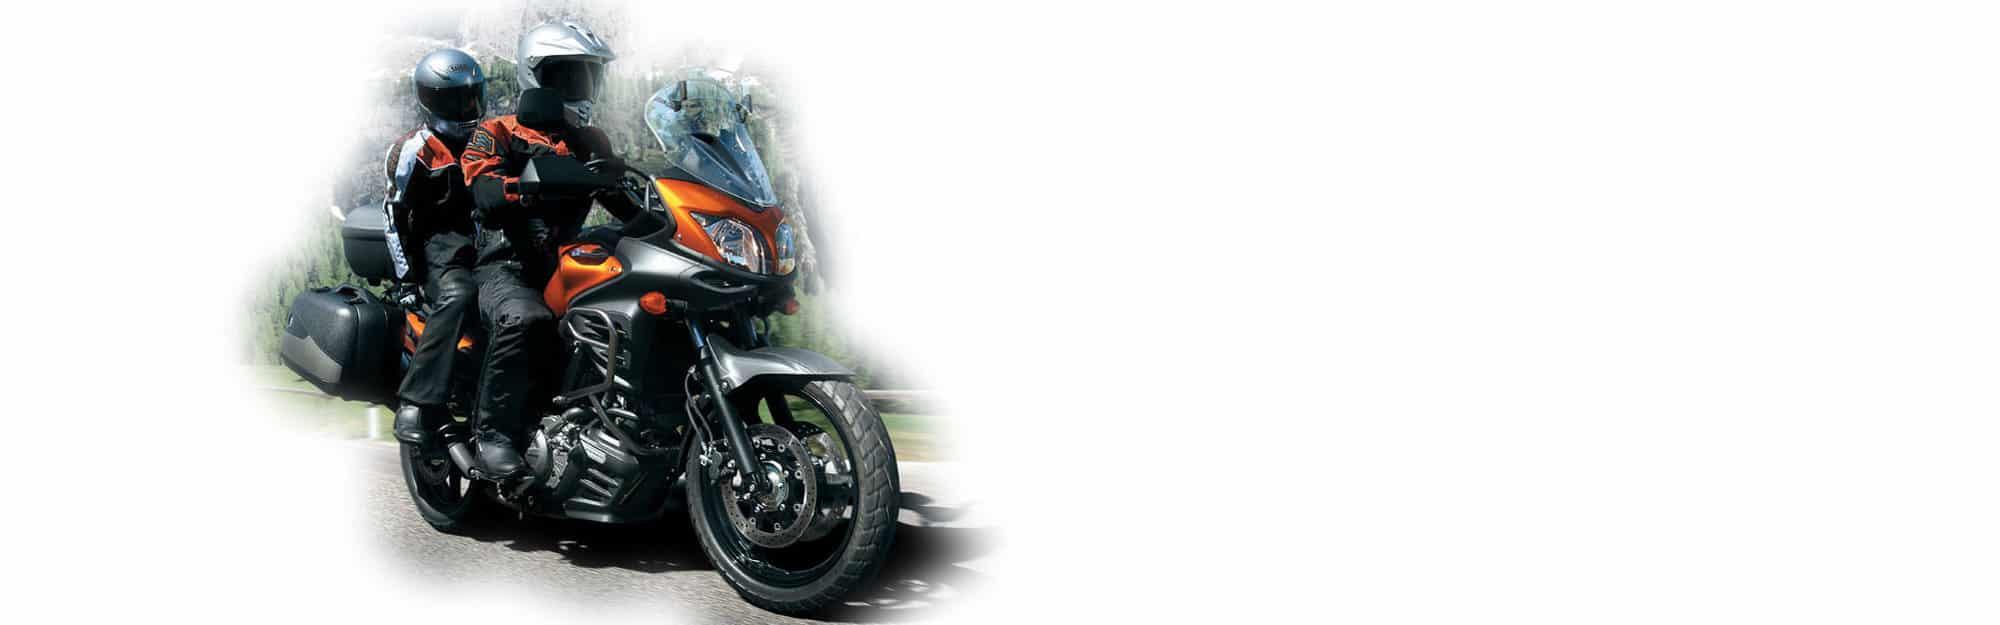 motorbike-chauffeur-london